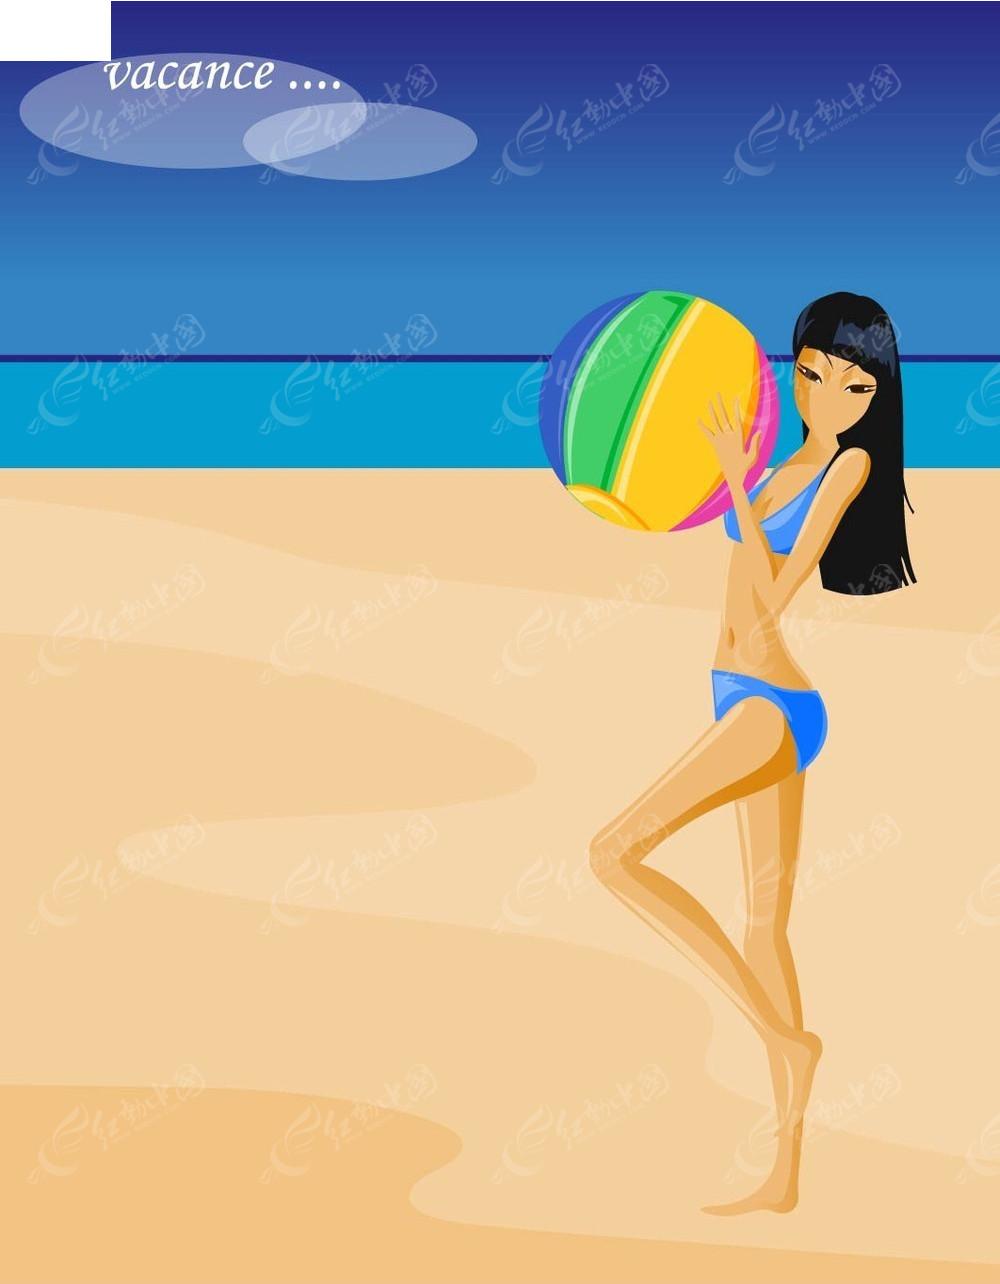 沙滩美女手绘背景画